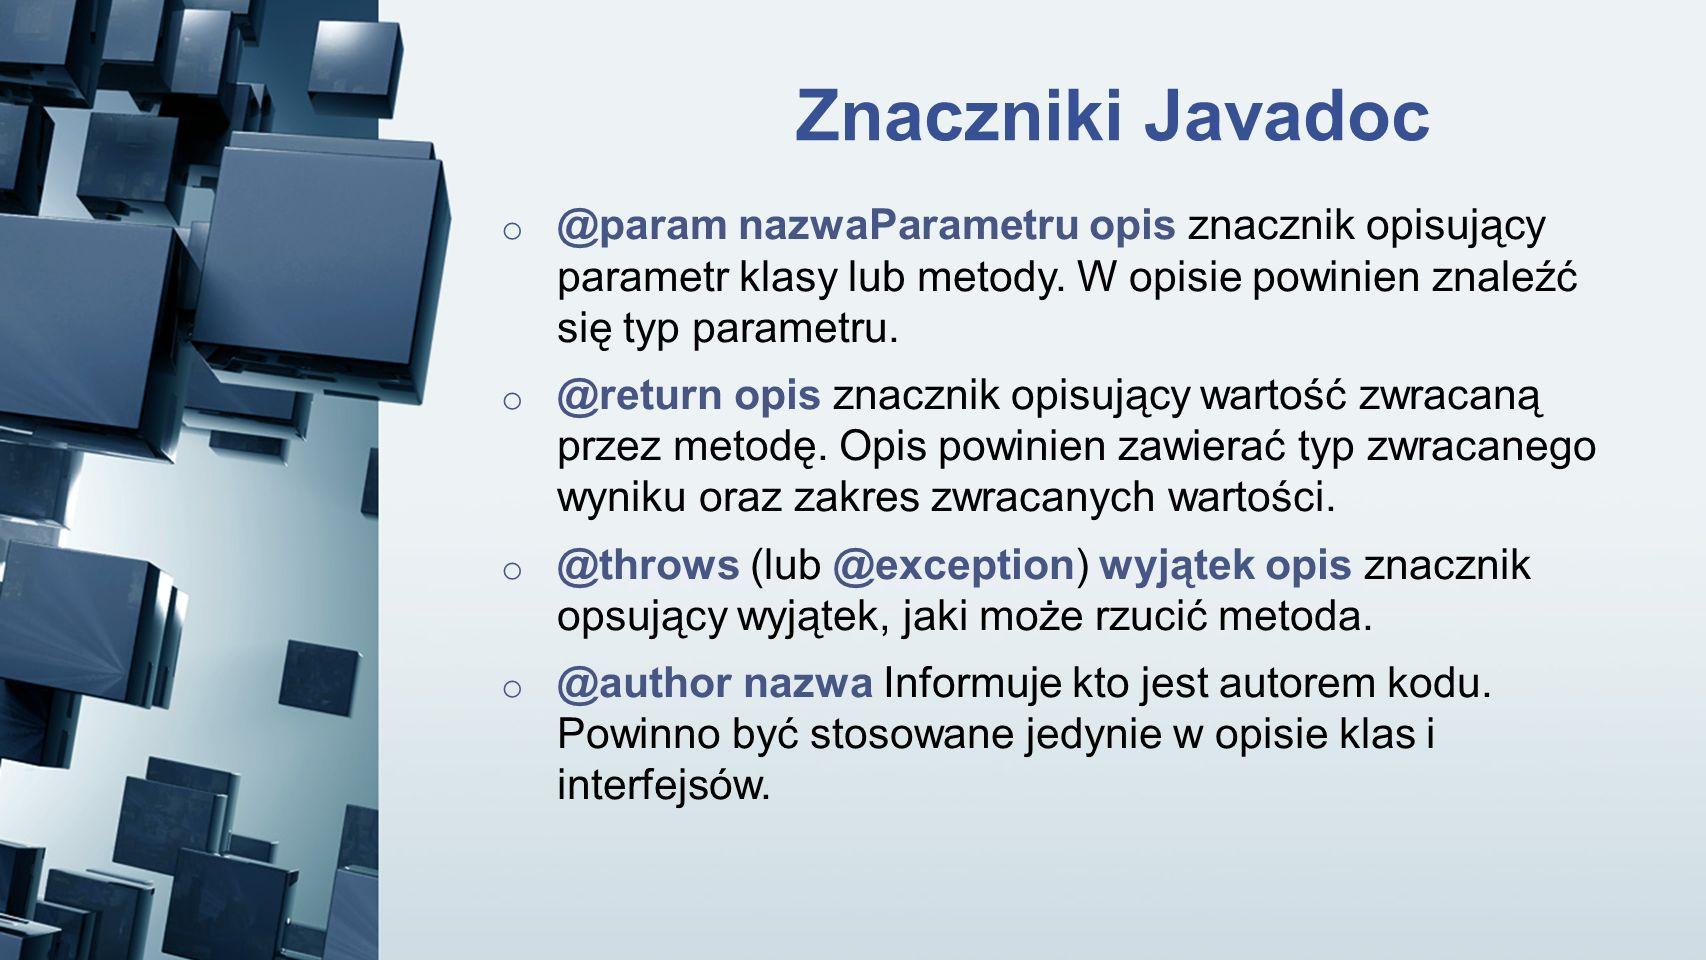 Znaczniki Javadoc @param nazwaParametru opis znacznik opisujący parametr klasy lub metody. W opisie powinien znaleźć się typ parametru.